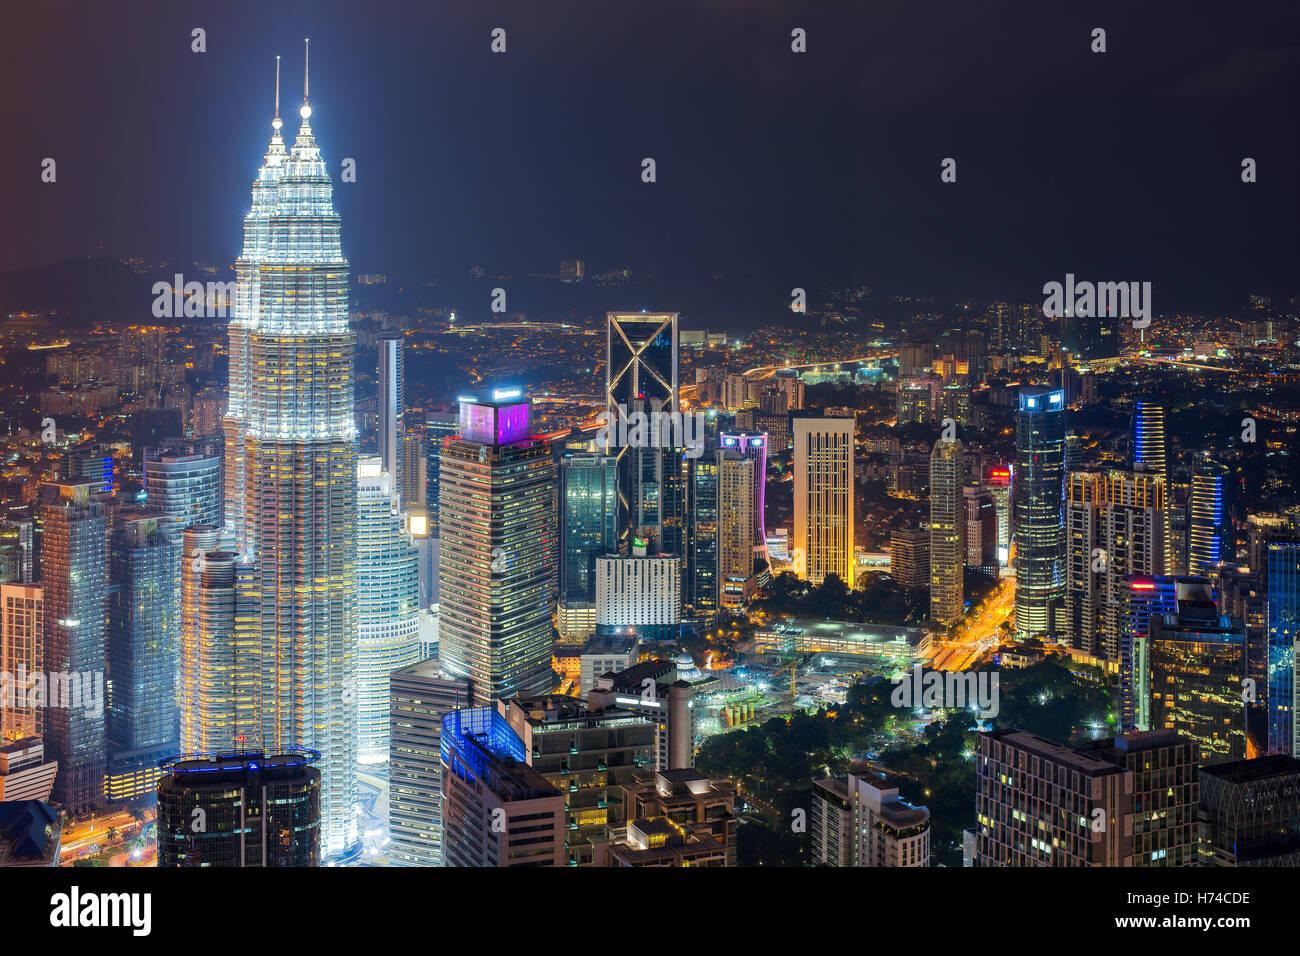 Kuala Lumpur skyline and skyscraper at night in Kuala Lumpur, Malaysia. - Stock Image